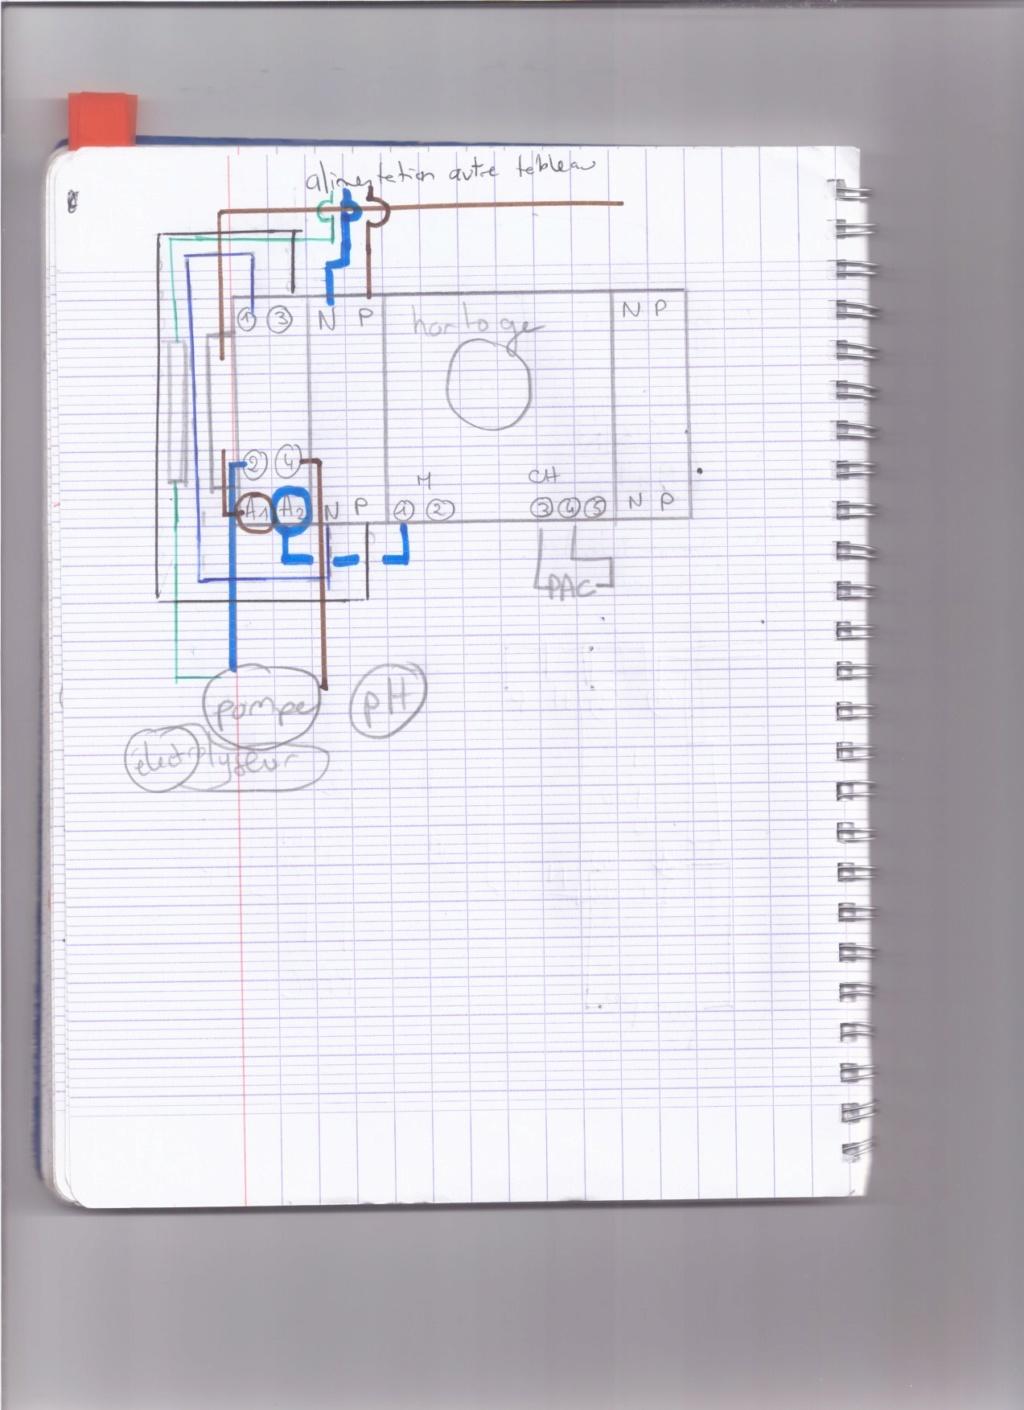 Cablage PAC pour l'asservicement Numzor12